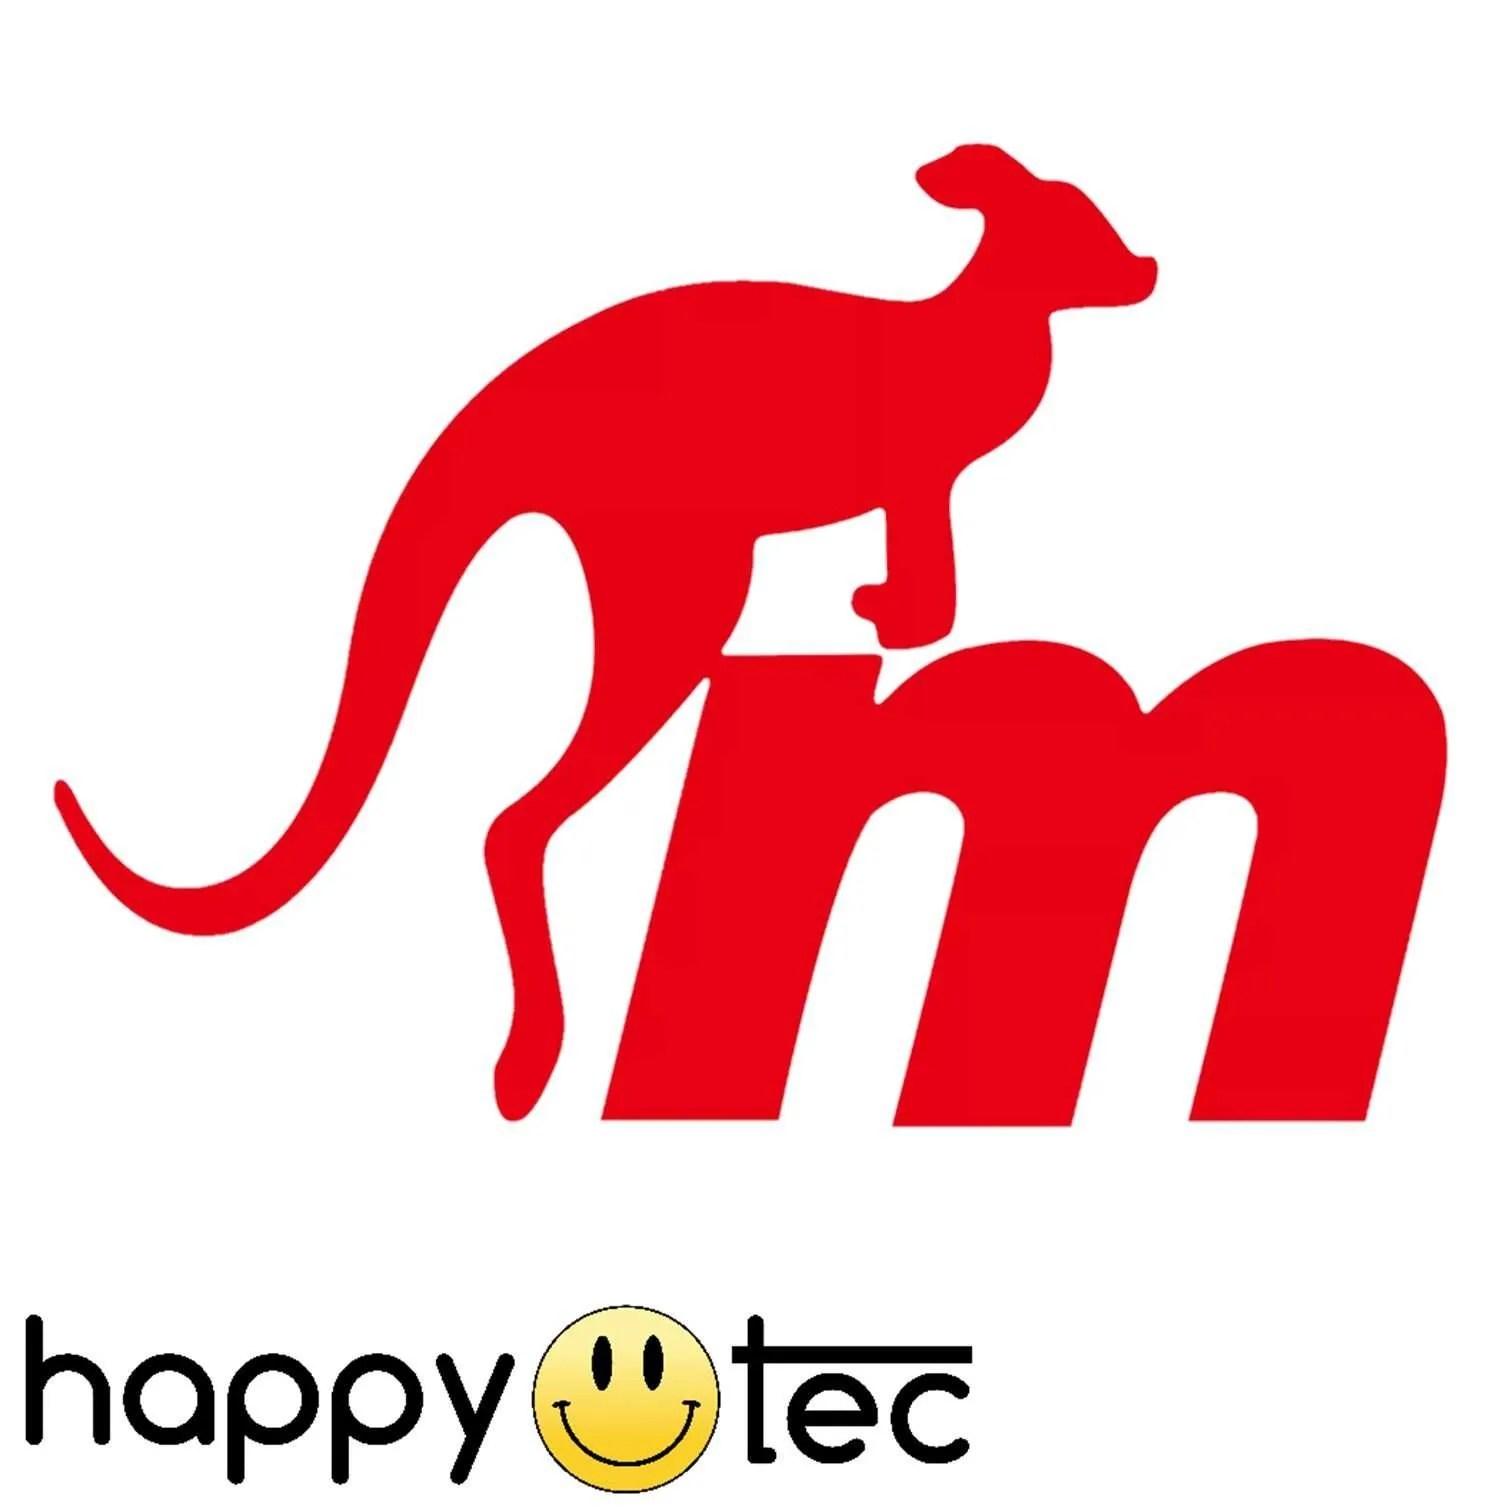 Monorim-logo-Categoria1 ricambi accessori riparazione assistenza tecnica monopattini elettrici monorim